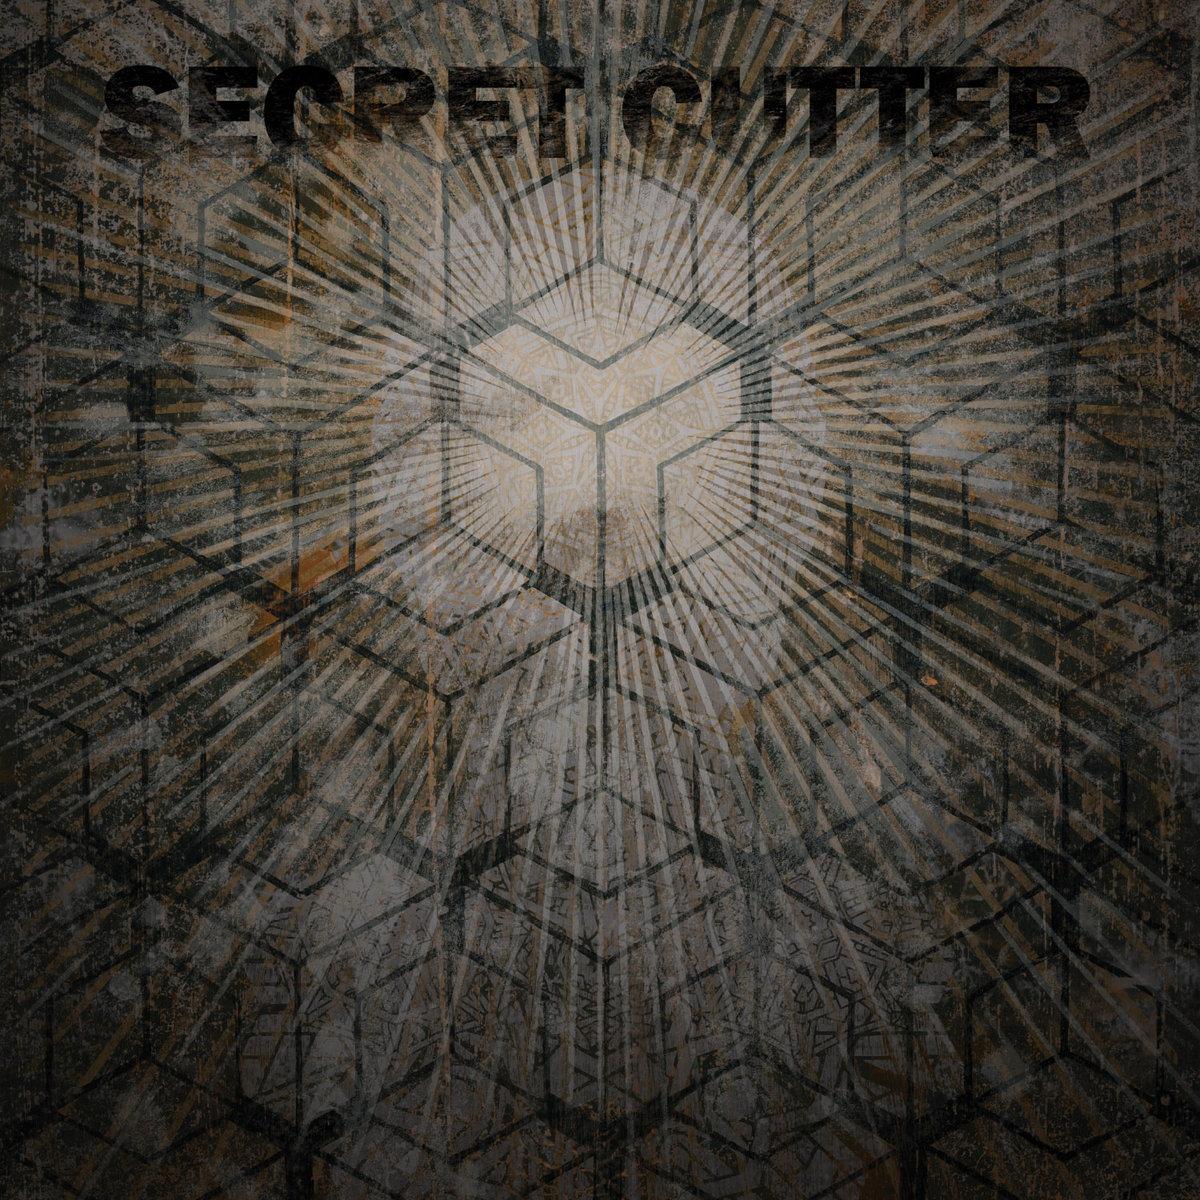 Secret Cutter - Quantum Eraser LP